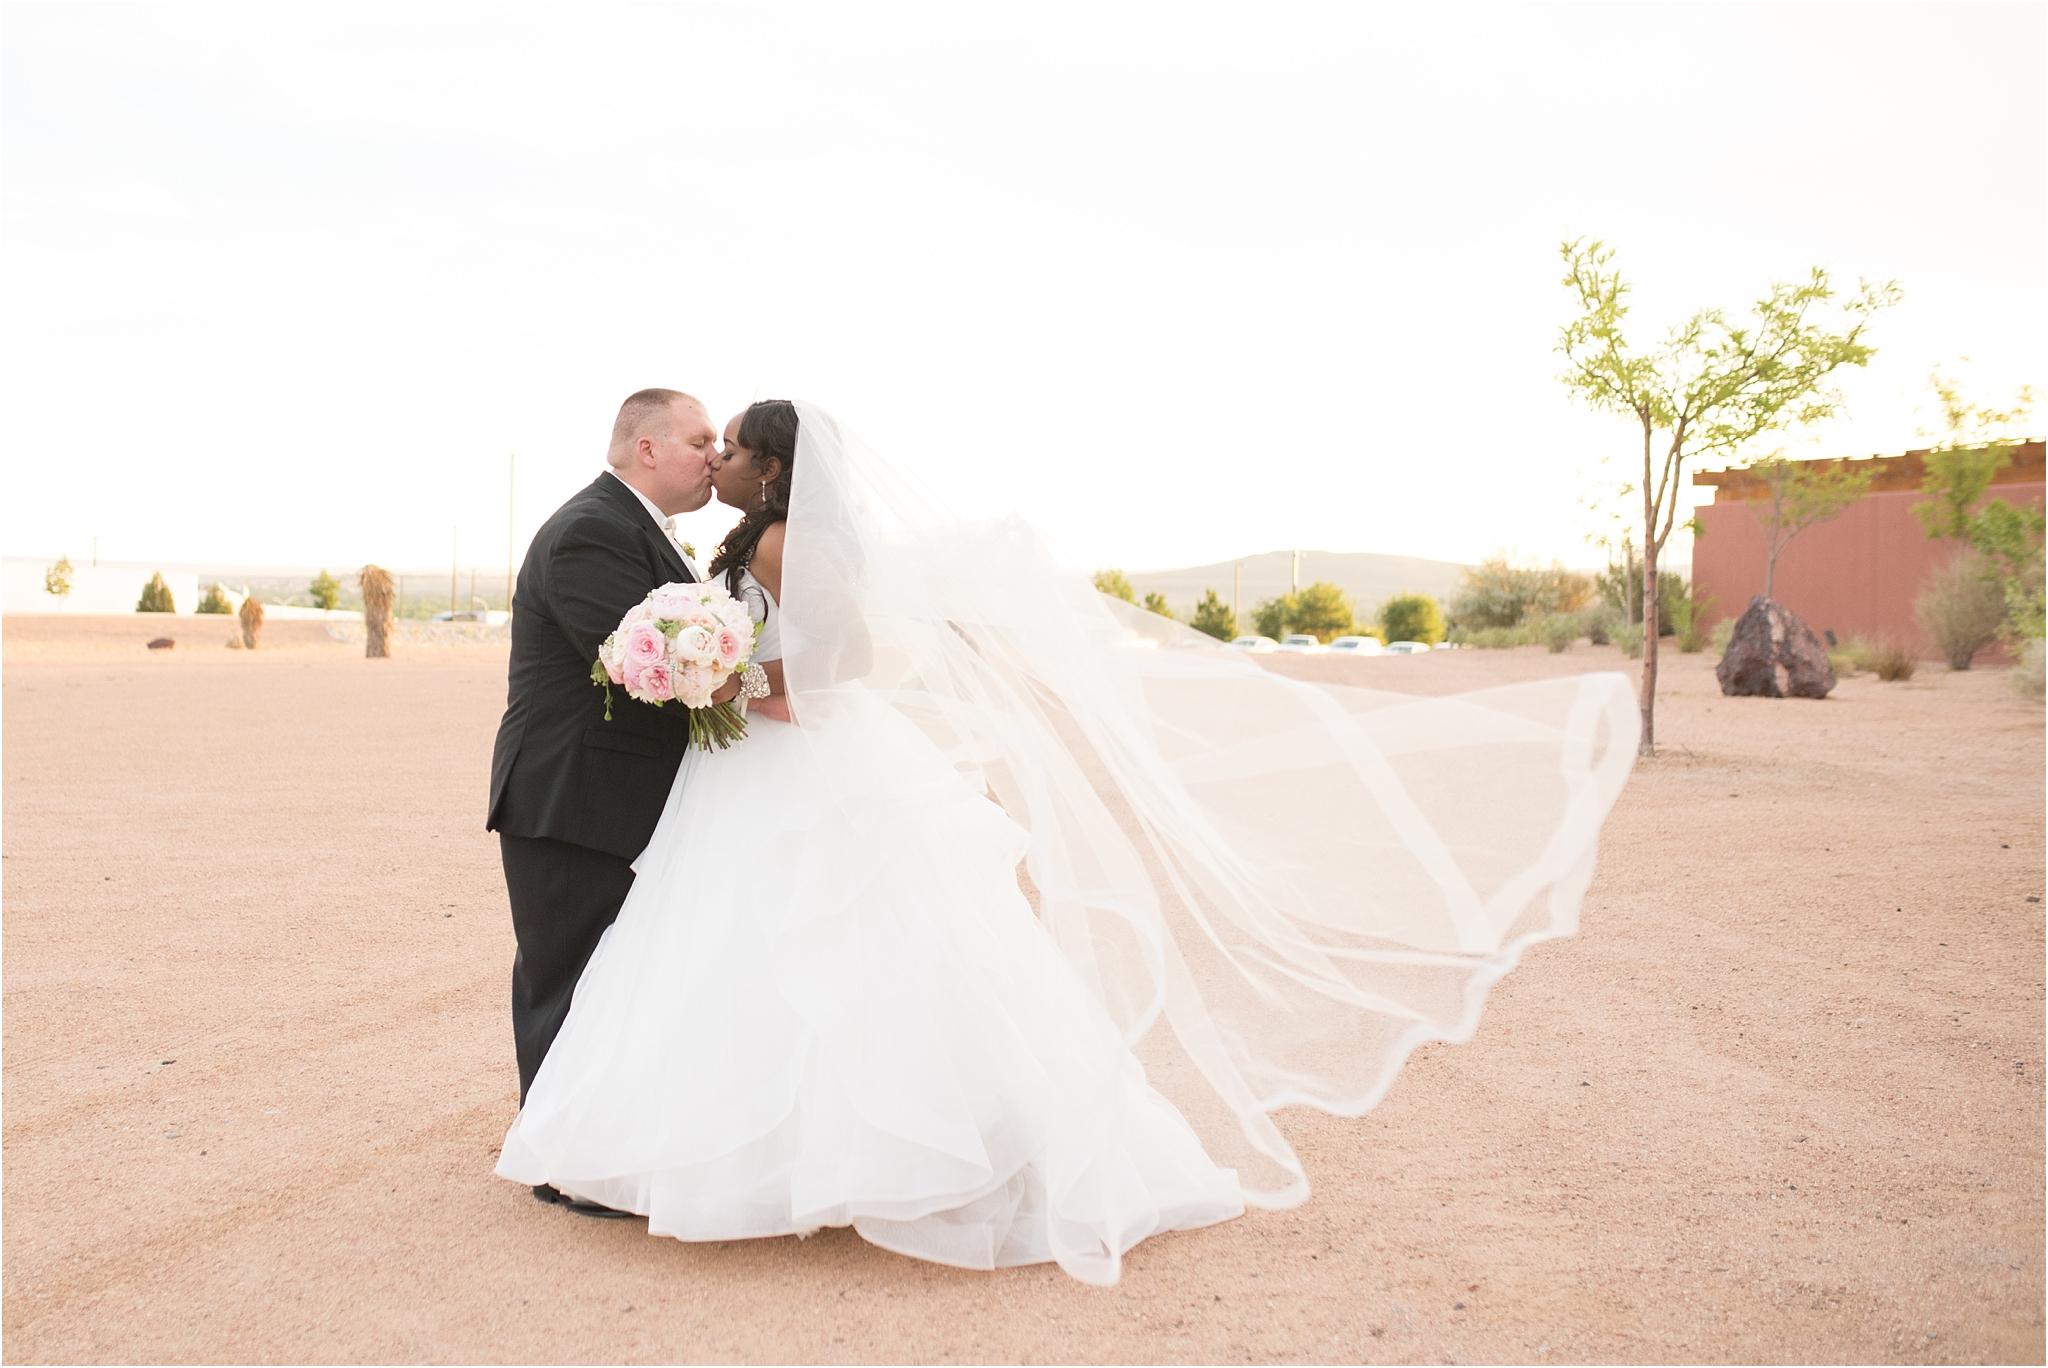 kayla kitts photography - albuquerque wedding photographer - isleta wedding_0026.jpg